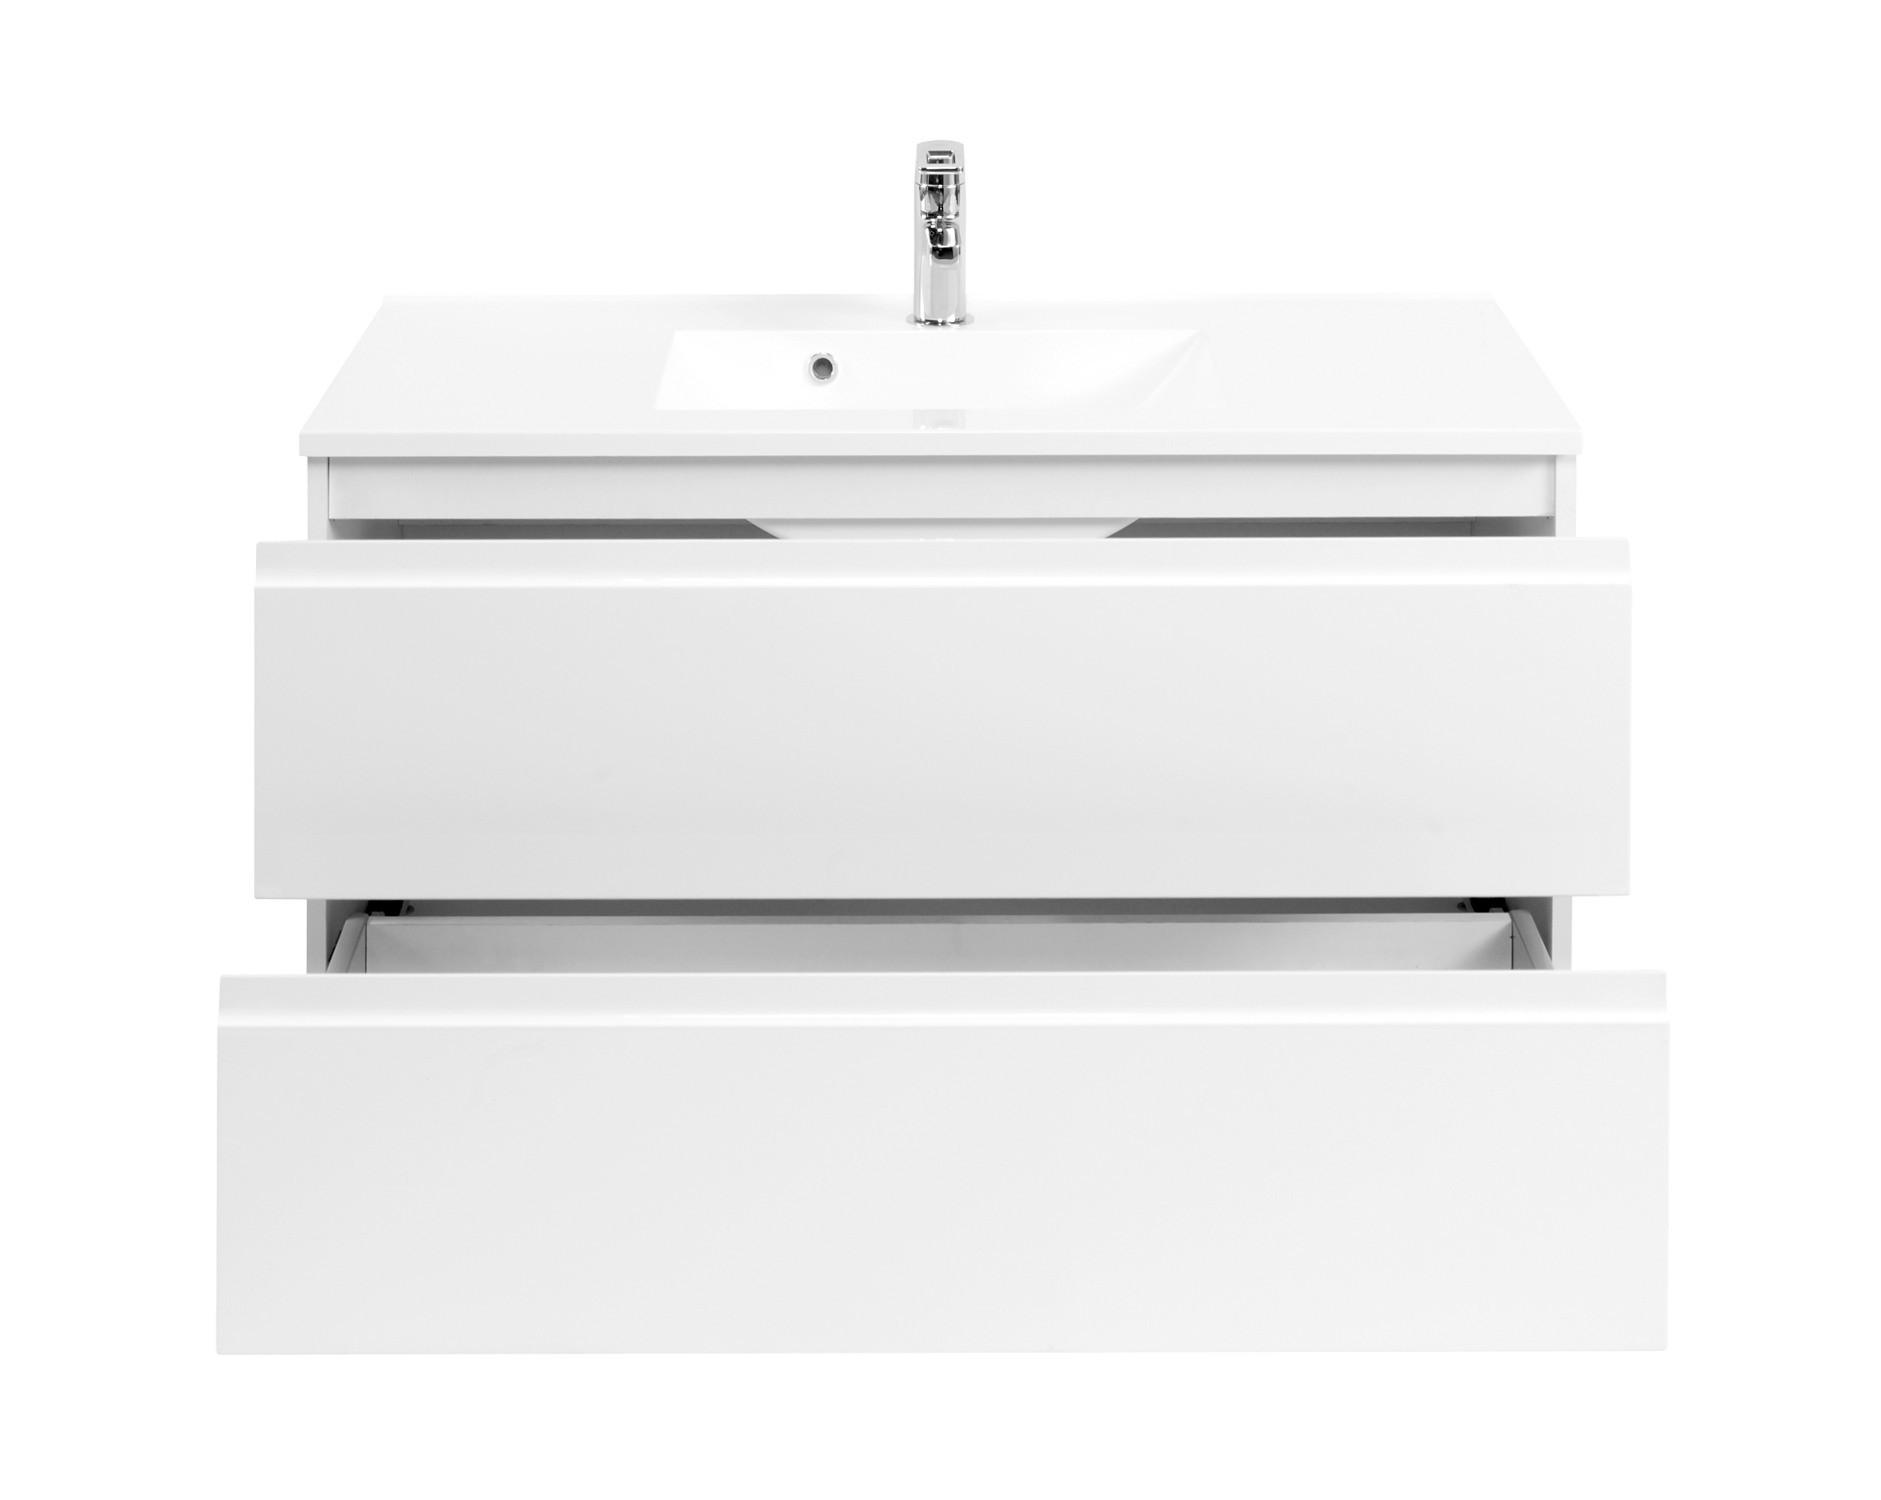 bad waschtisch cardiff 2 ausz ge 100 cm breit hochglanz wei bad waschtische. Black Bedroom Furniture Sets. Home Design Ideas